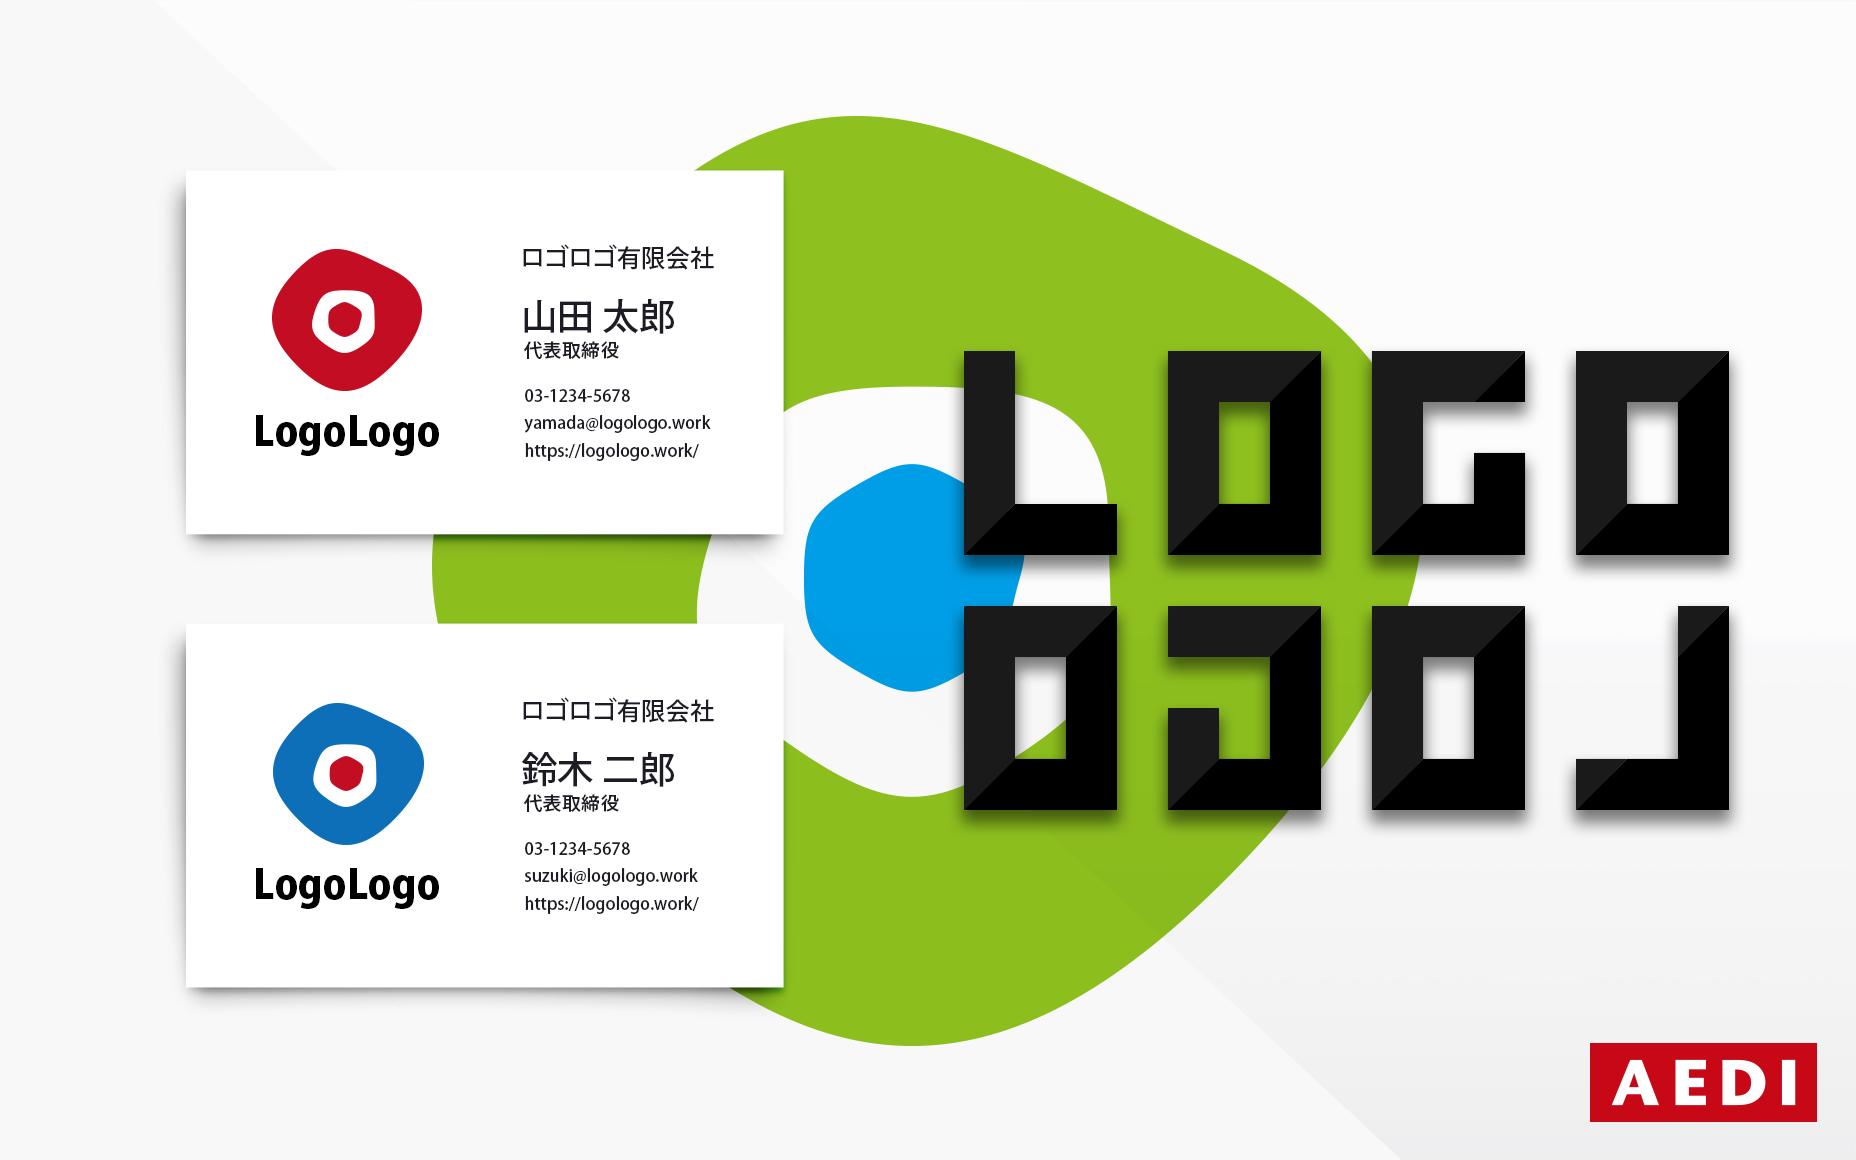 ロゴマークのデザインならロゴロゴ。ロゴ005 セミオーダーロゴとオーダーメイドロゴ